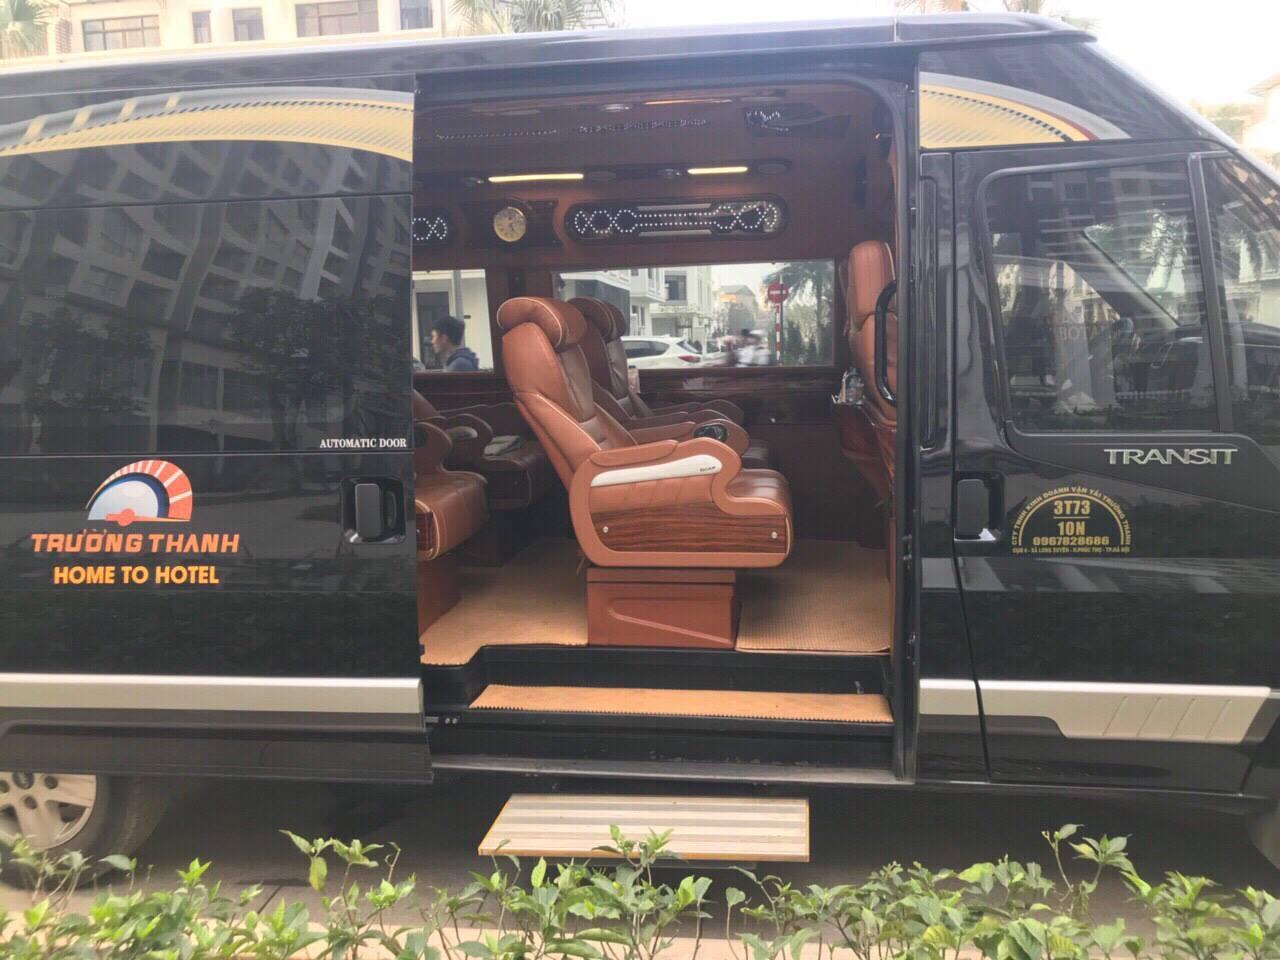 Hãng xe Trường Thanh Limousine